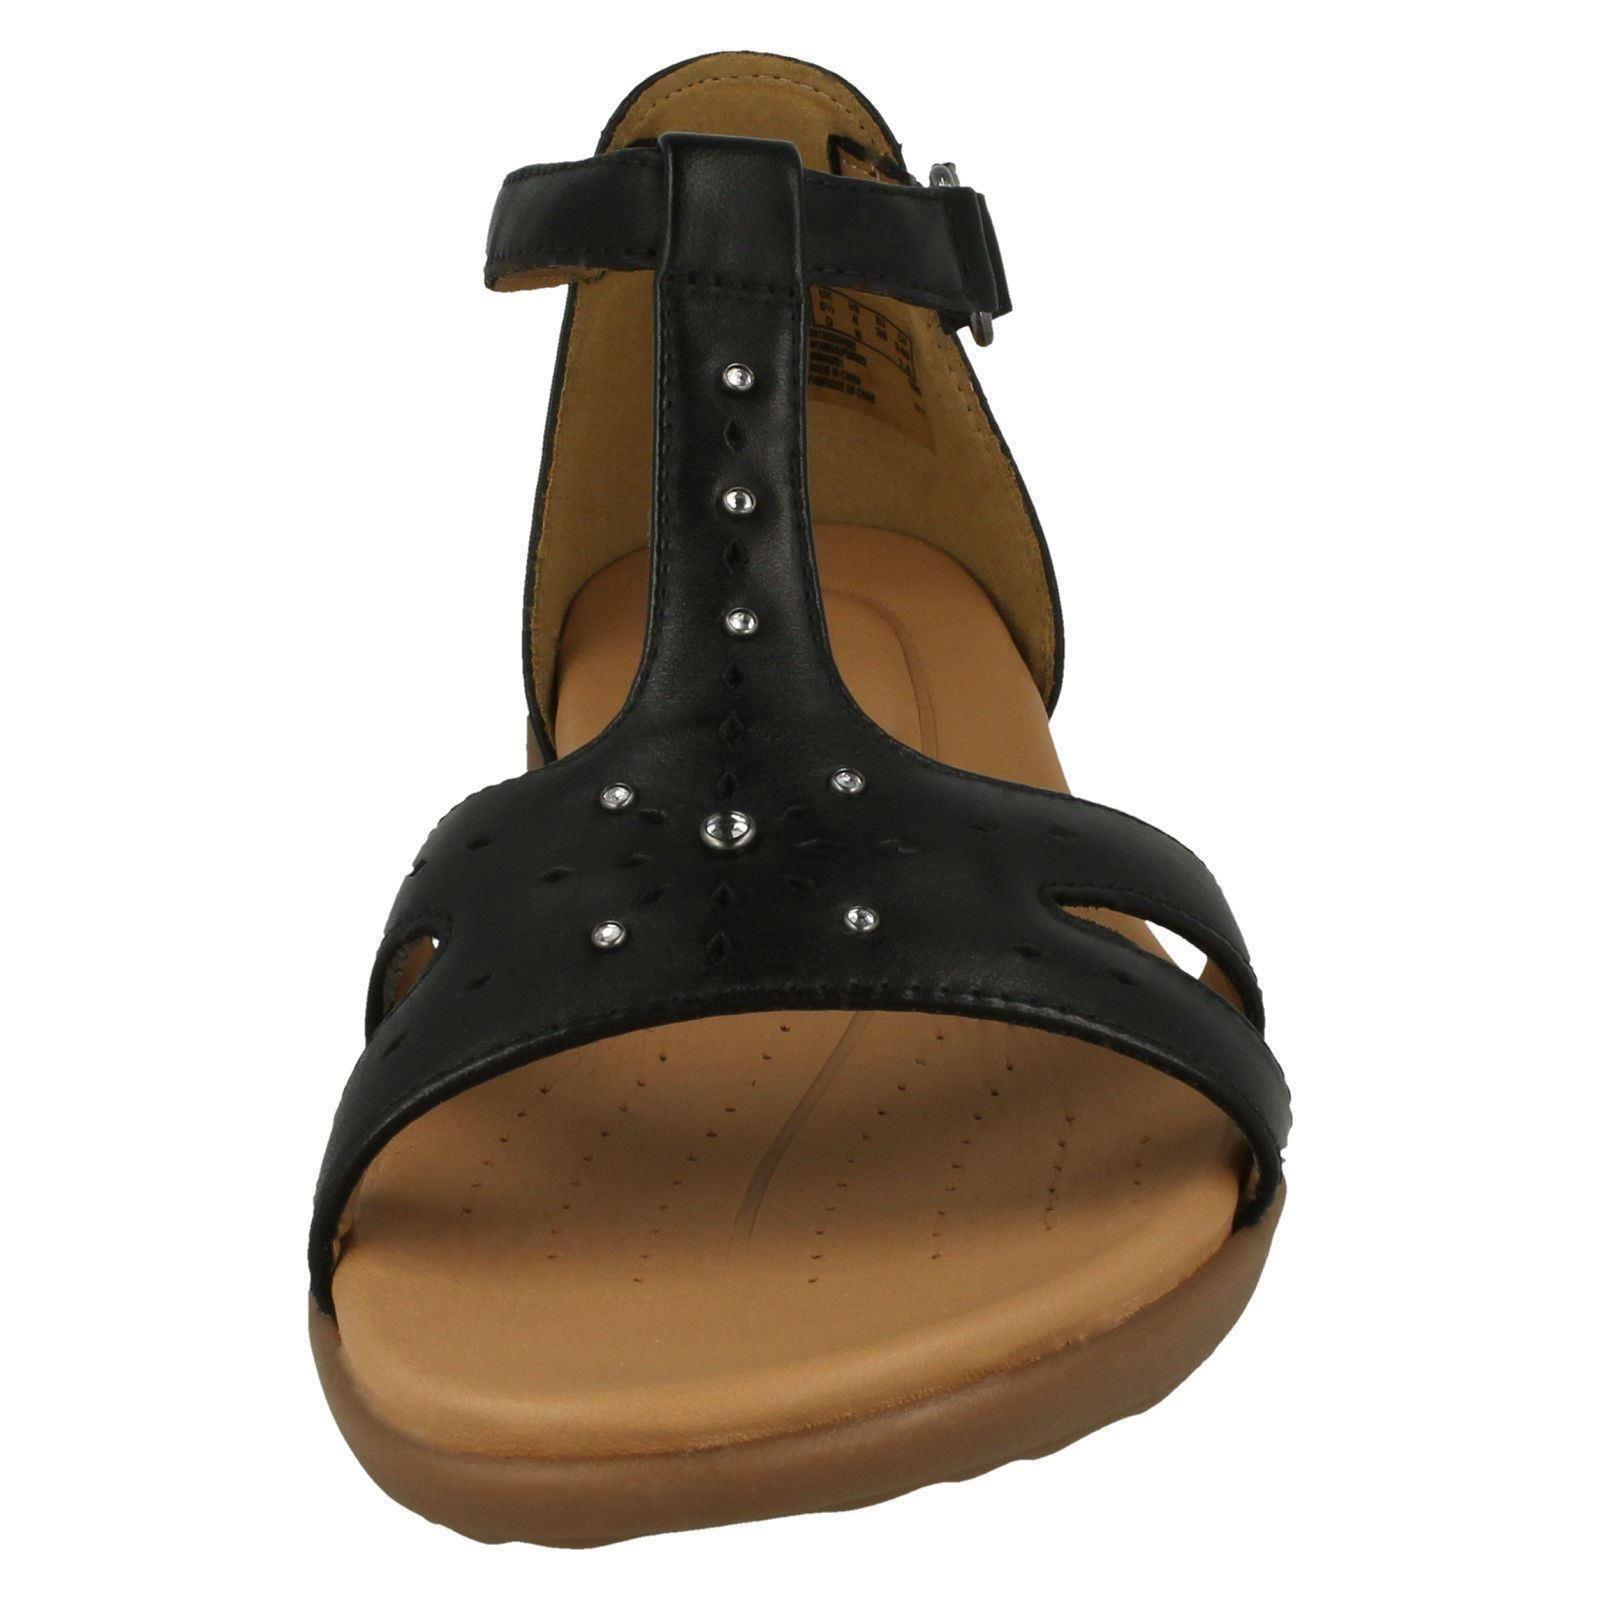 Signore Clarks Sandalo Con Cinturini Cinturini Cinturini 'ONU reisel Mara